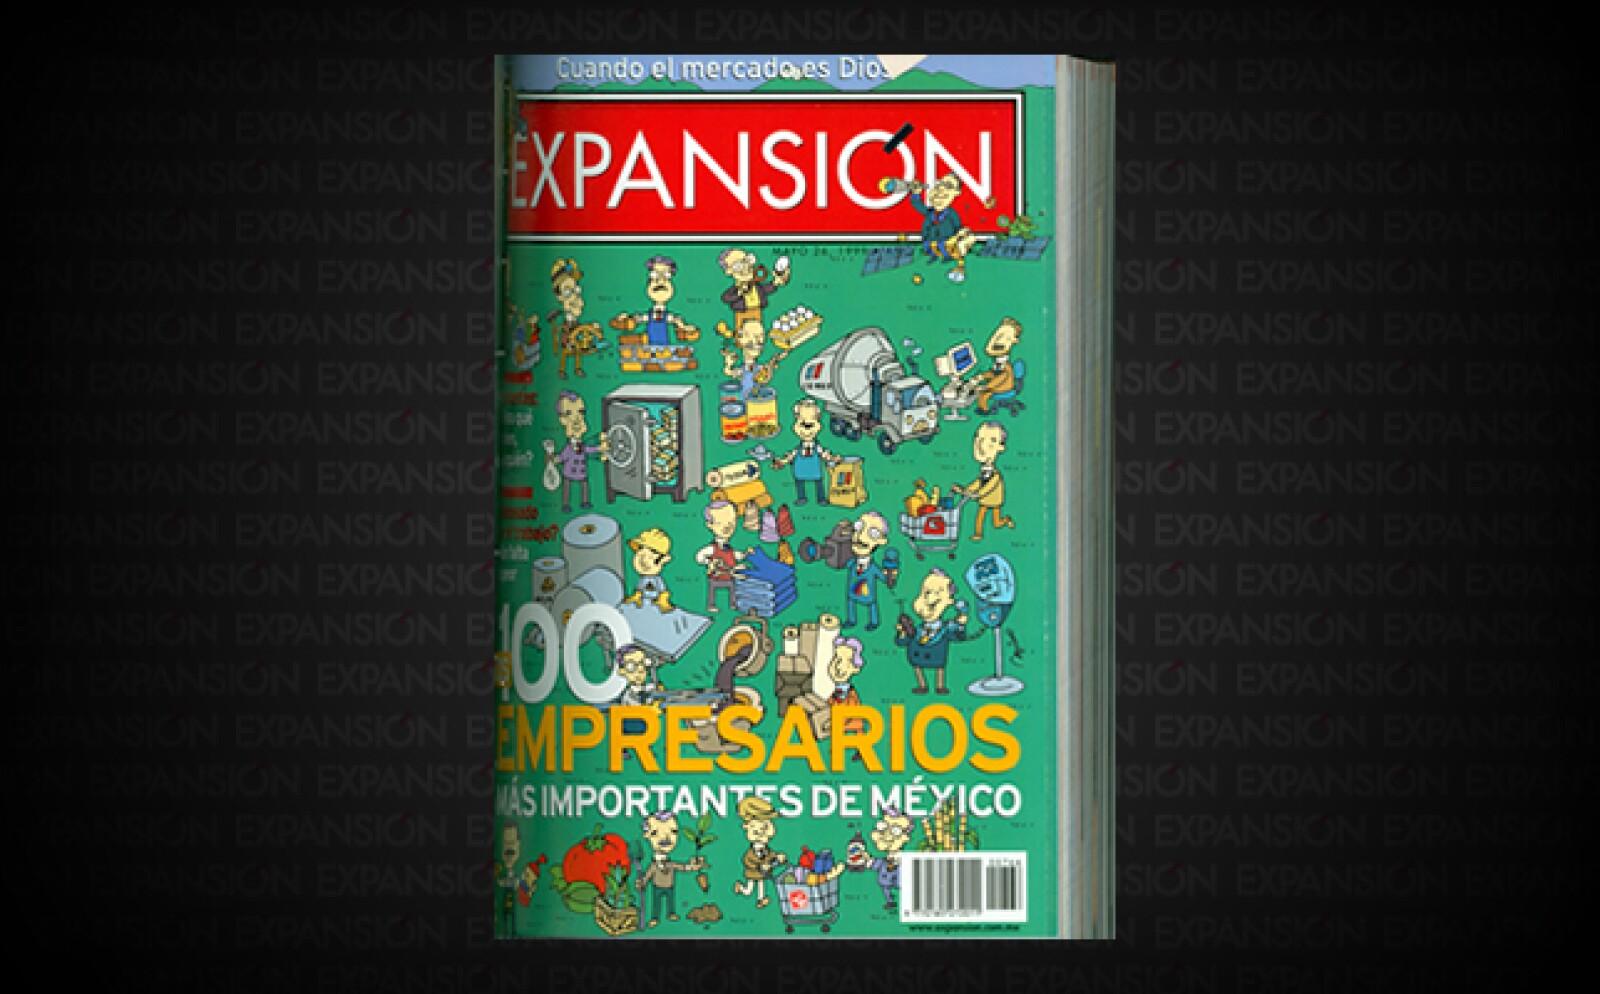 El error de diciembre de 1994 trajo una depuración voluntaria de clanes empresariales. Desaparecían los Martínez Güitrón, los Legorreta y los Ballesteros; llegan nombres como el de Alejandro Soberón, de CIE, al grupo de Los 100.